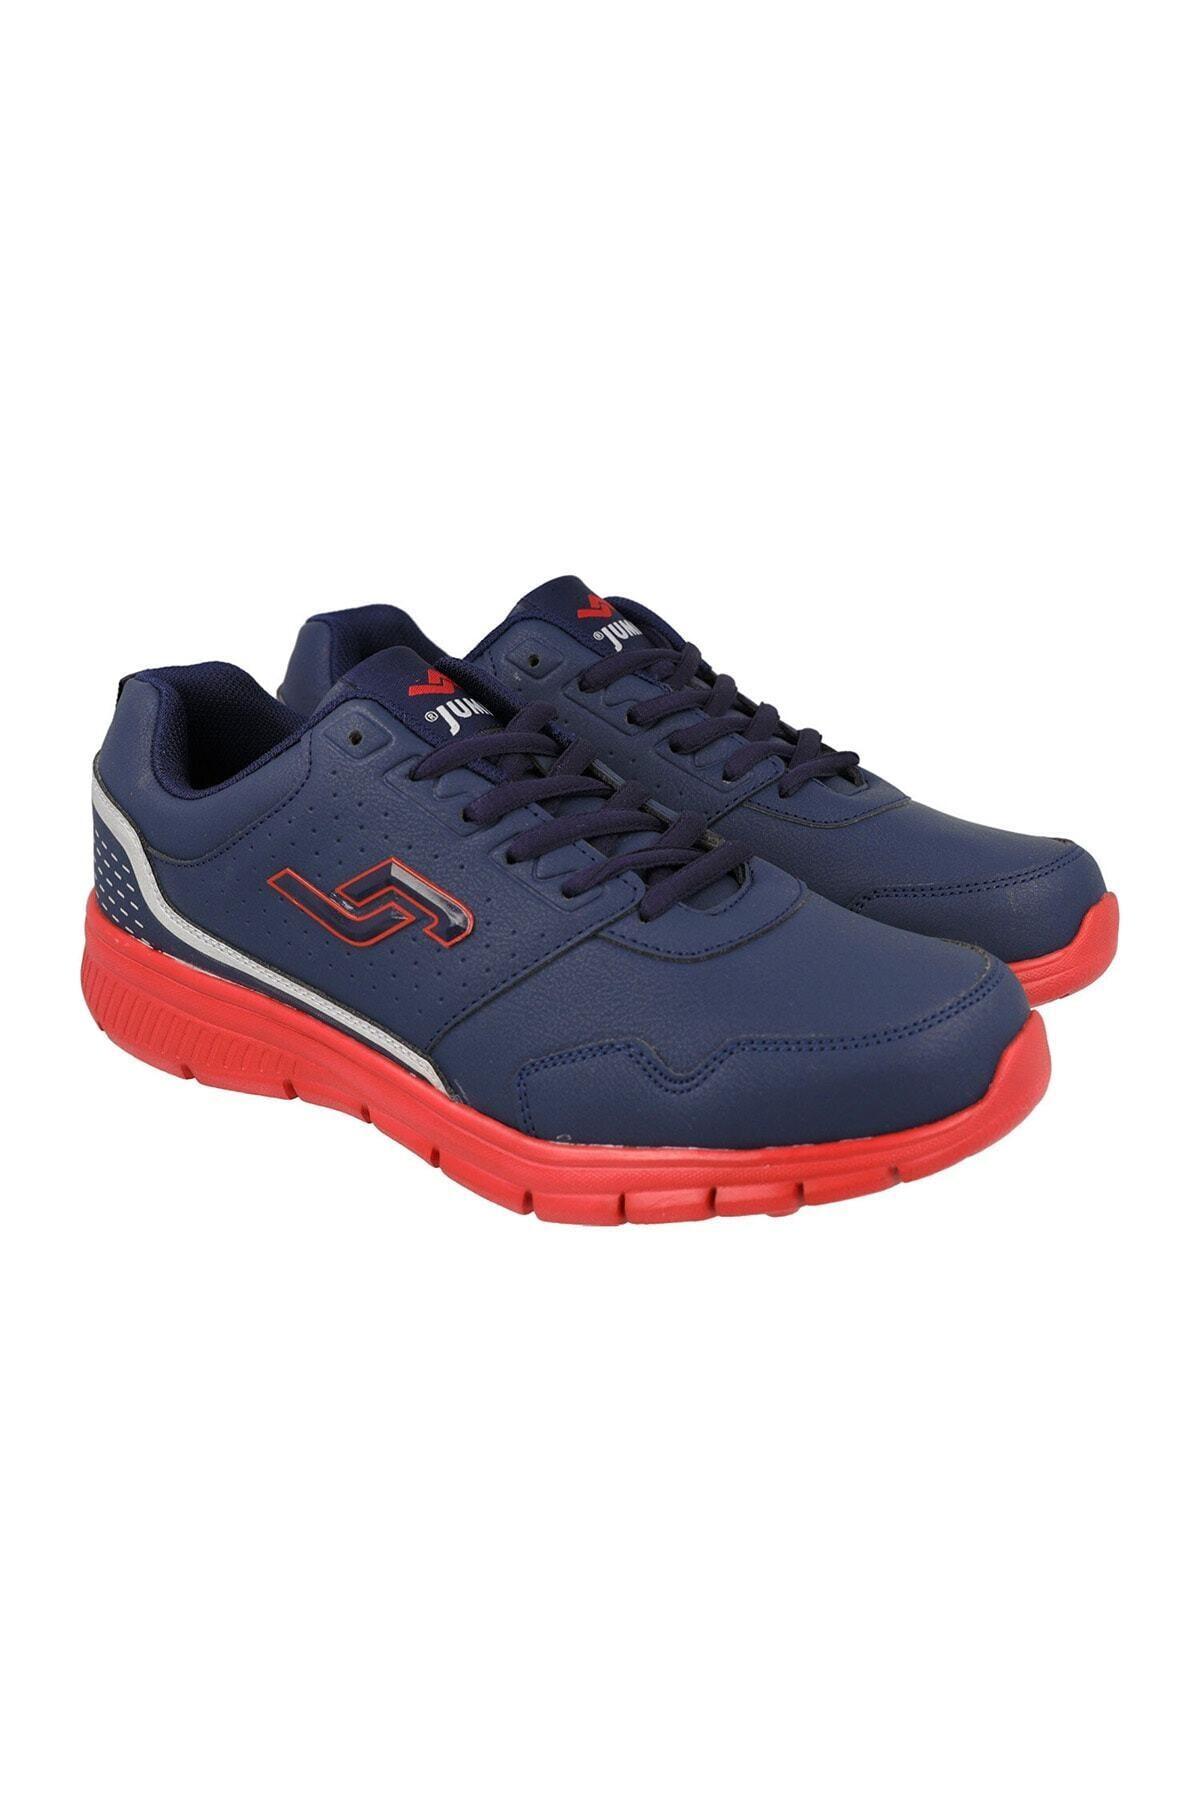 10556 Hafif Yürüyüş Spor Ayakkabı